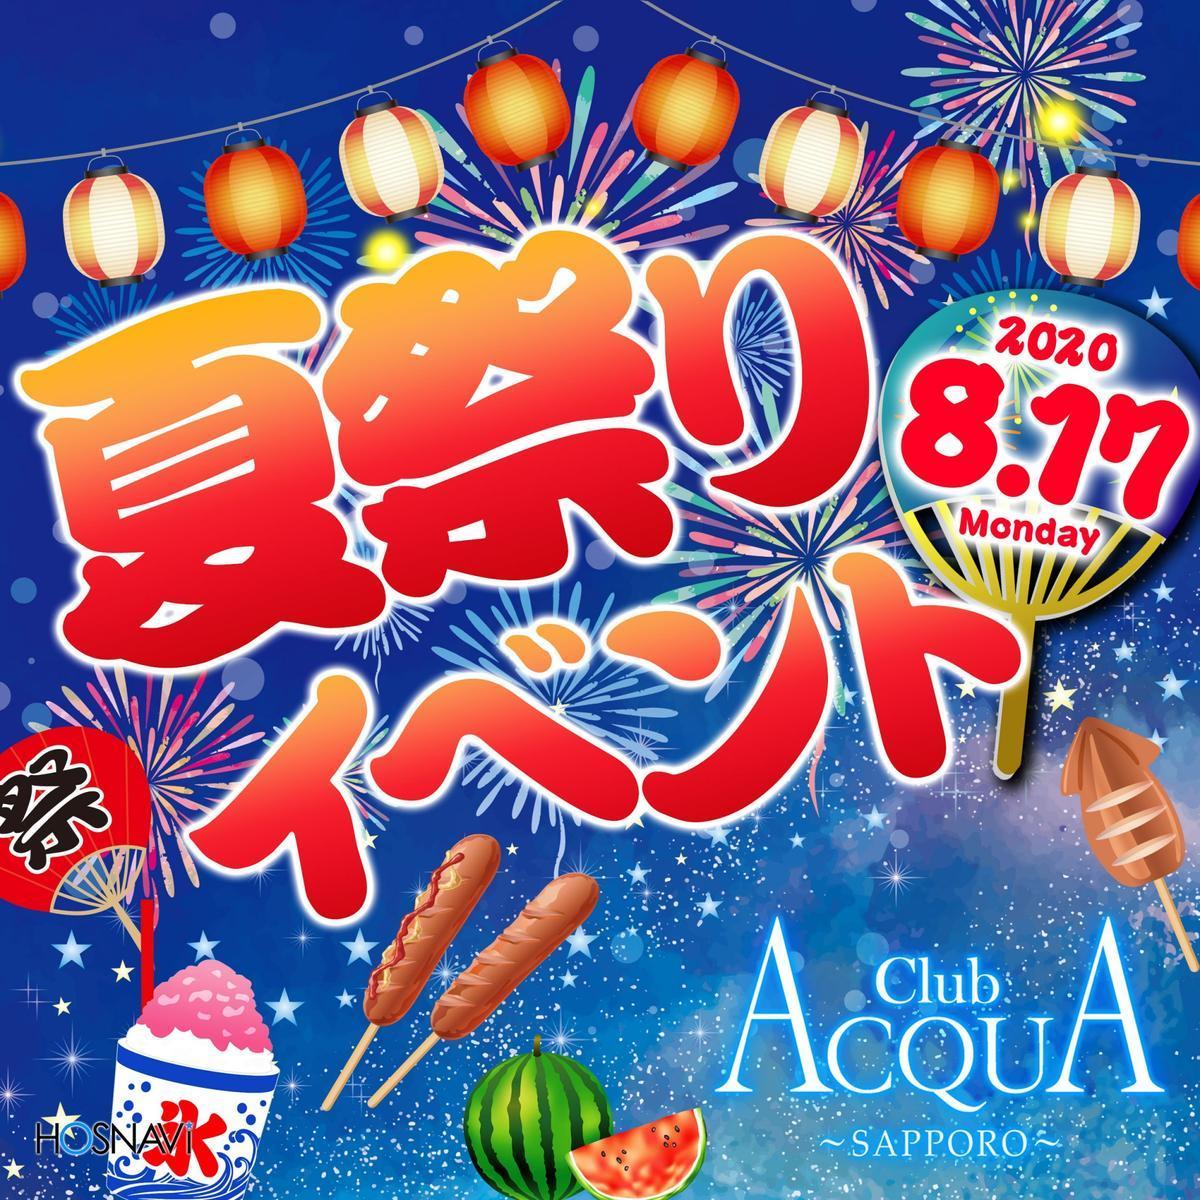 すすきのACQUA ~SAPPORO~のイベント「夏祭り」のポスターデザイン